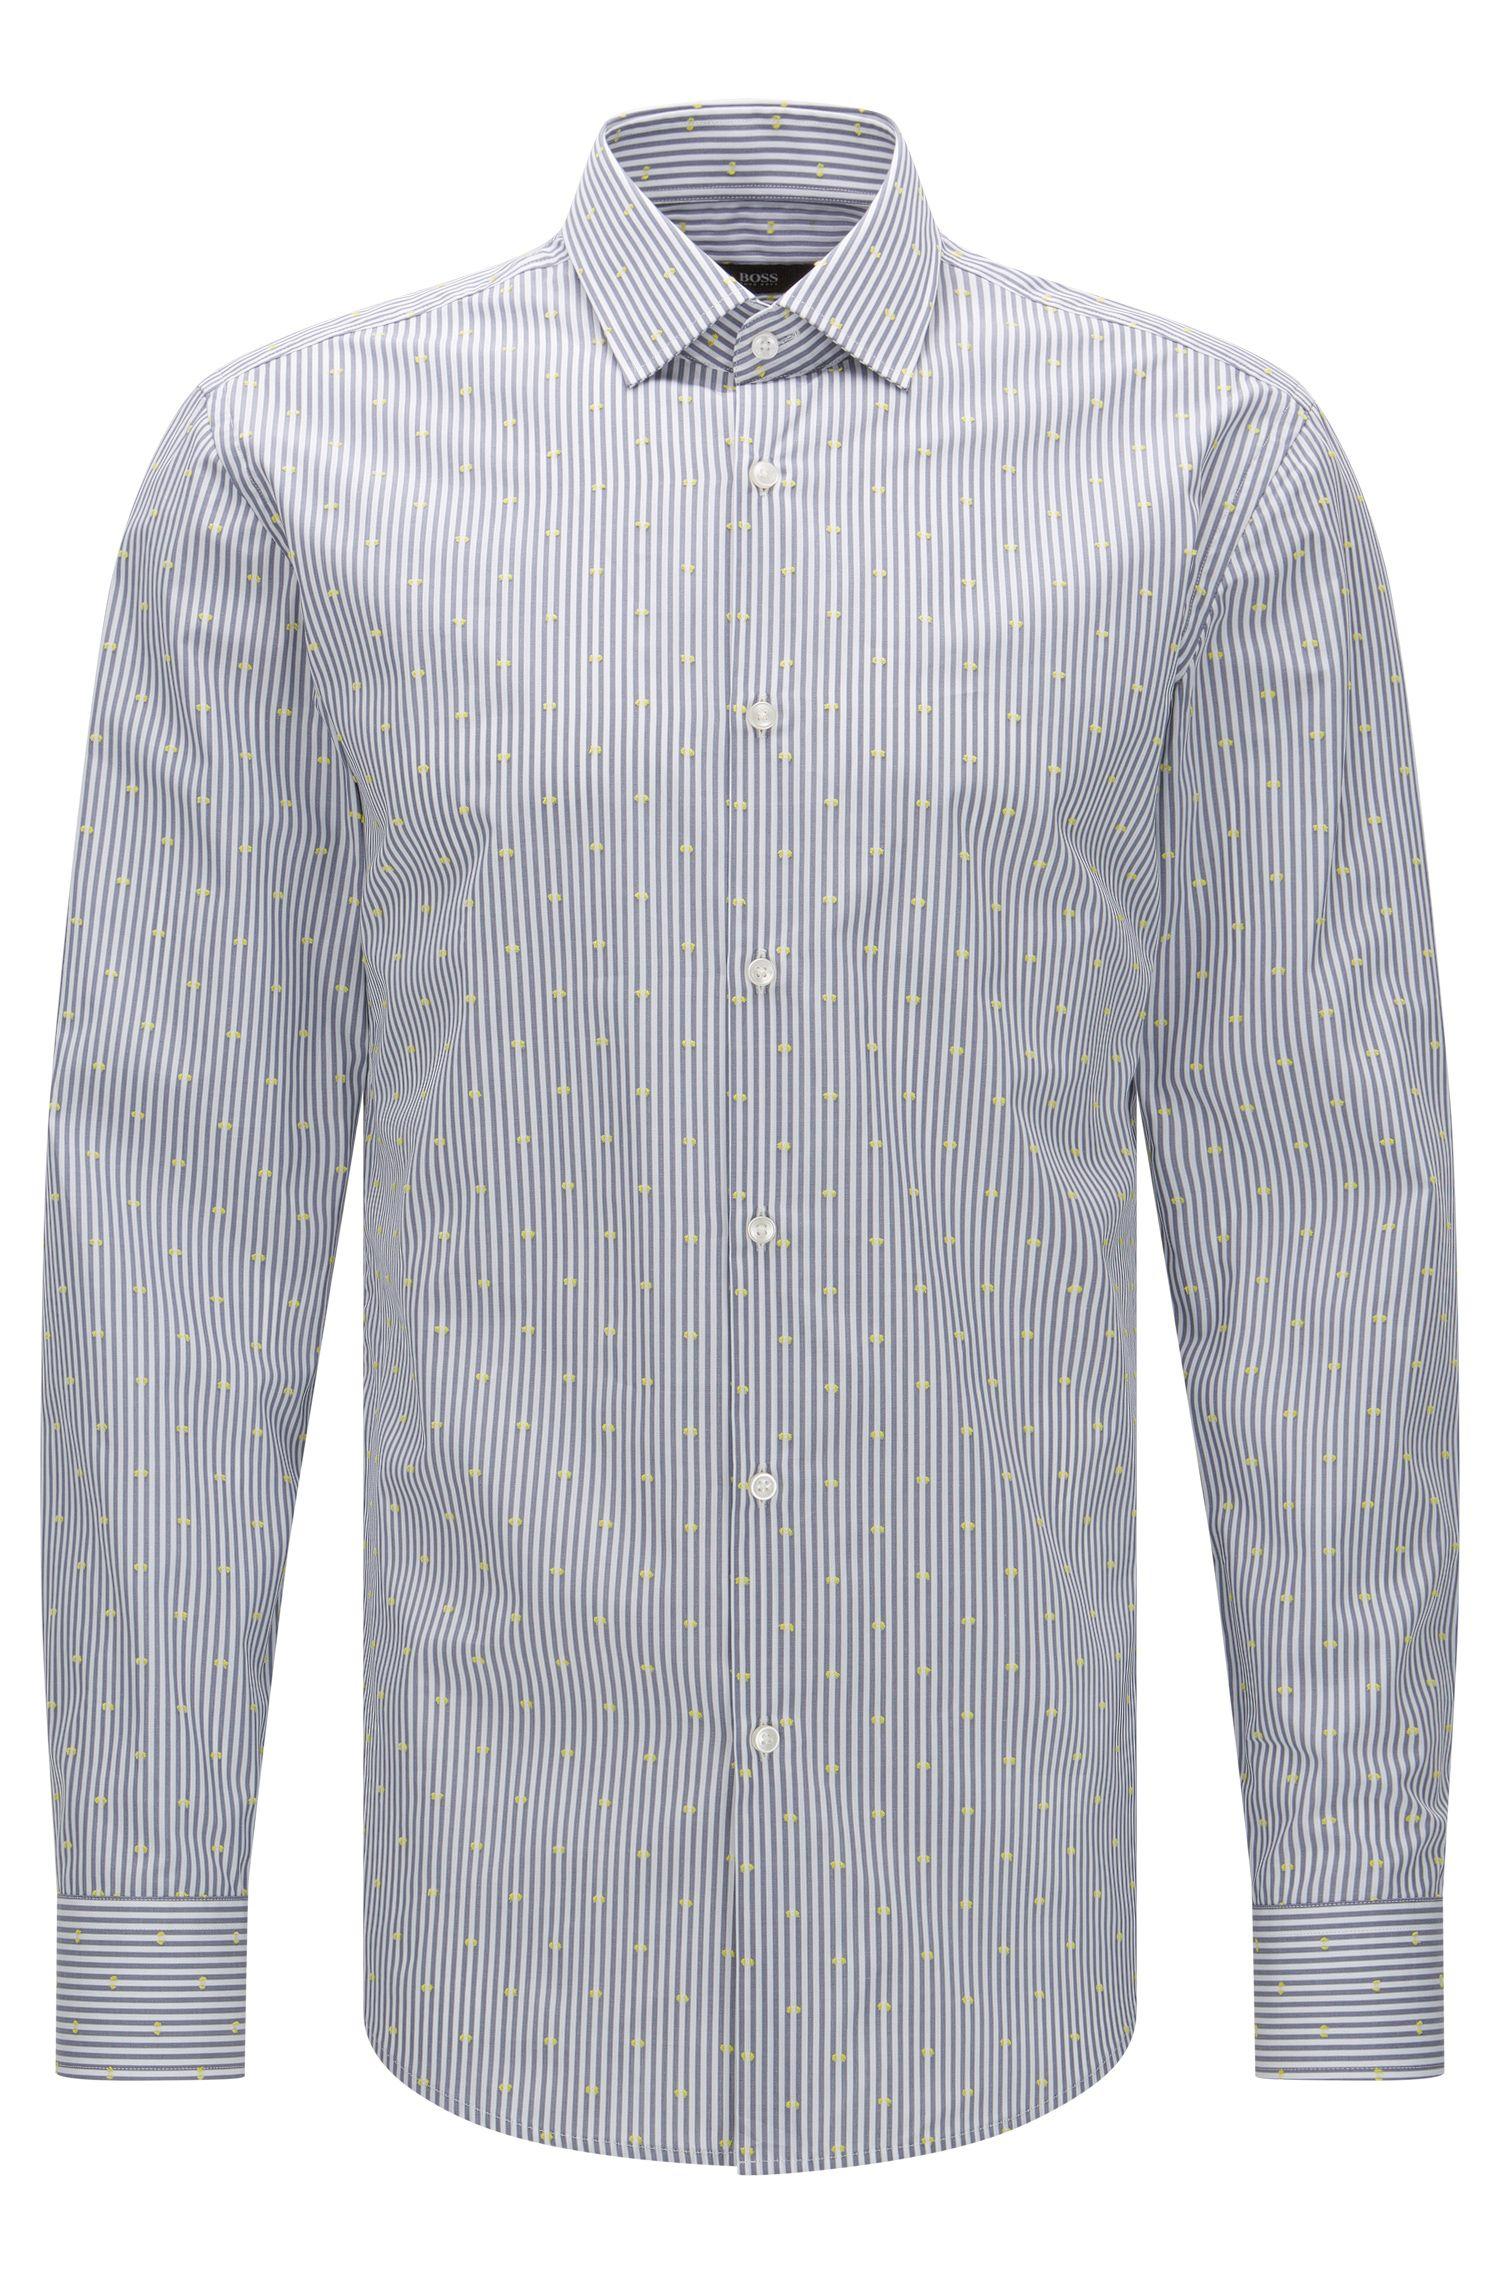 Jacquard Striped Cotton Dress Shirt, Slim Fit | Jenno